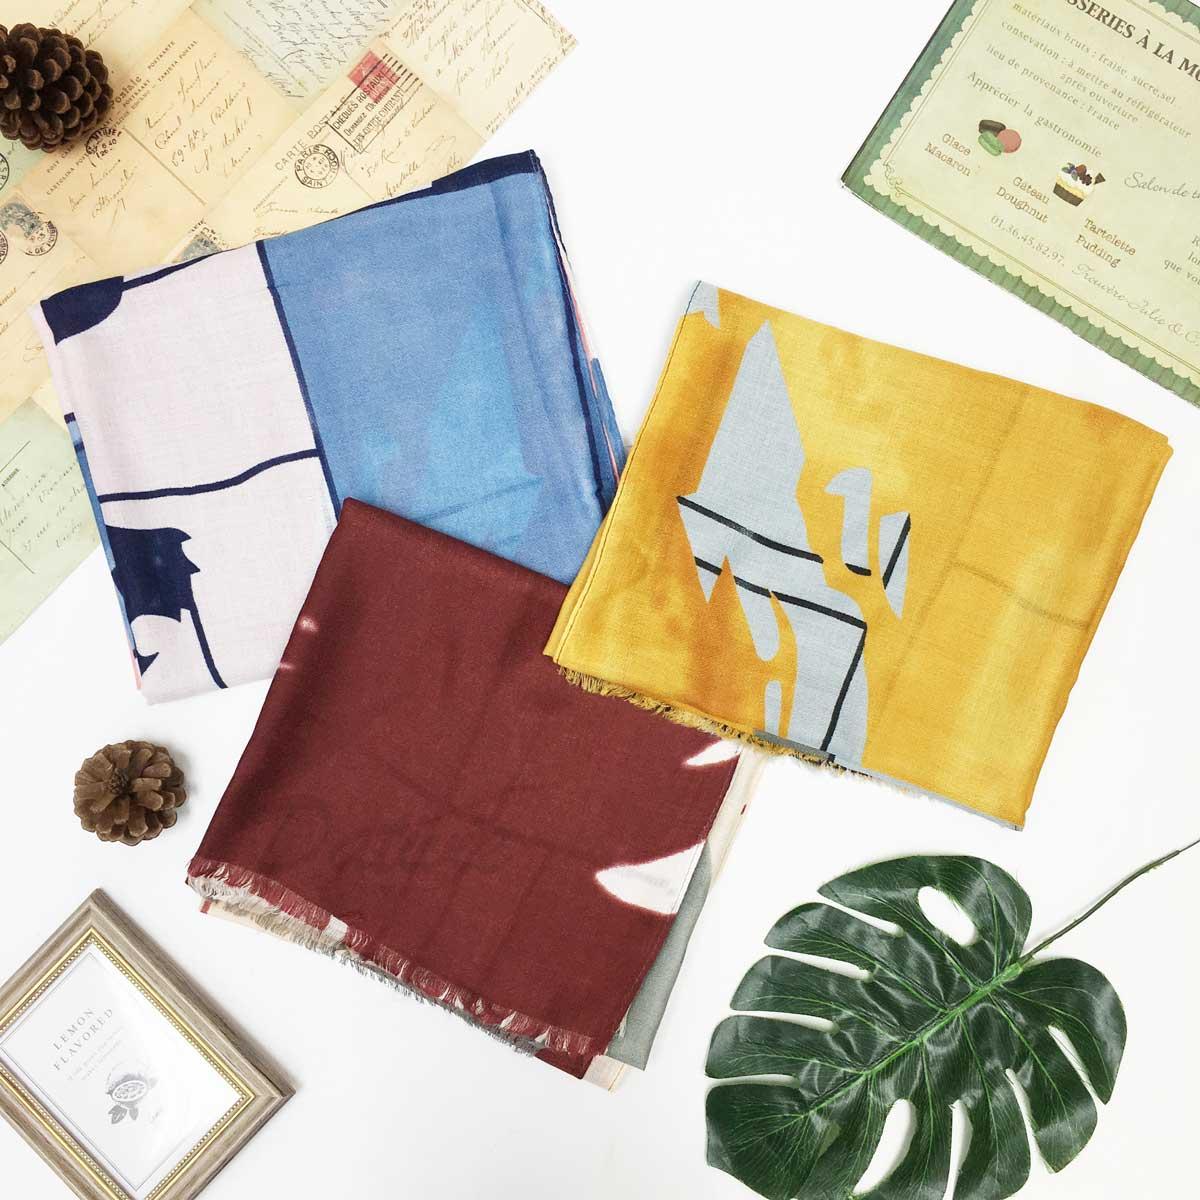 圍巾 絲巾 披肩 混搭撞色 抽象 不收邊 抽鬚 三款